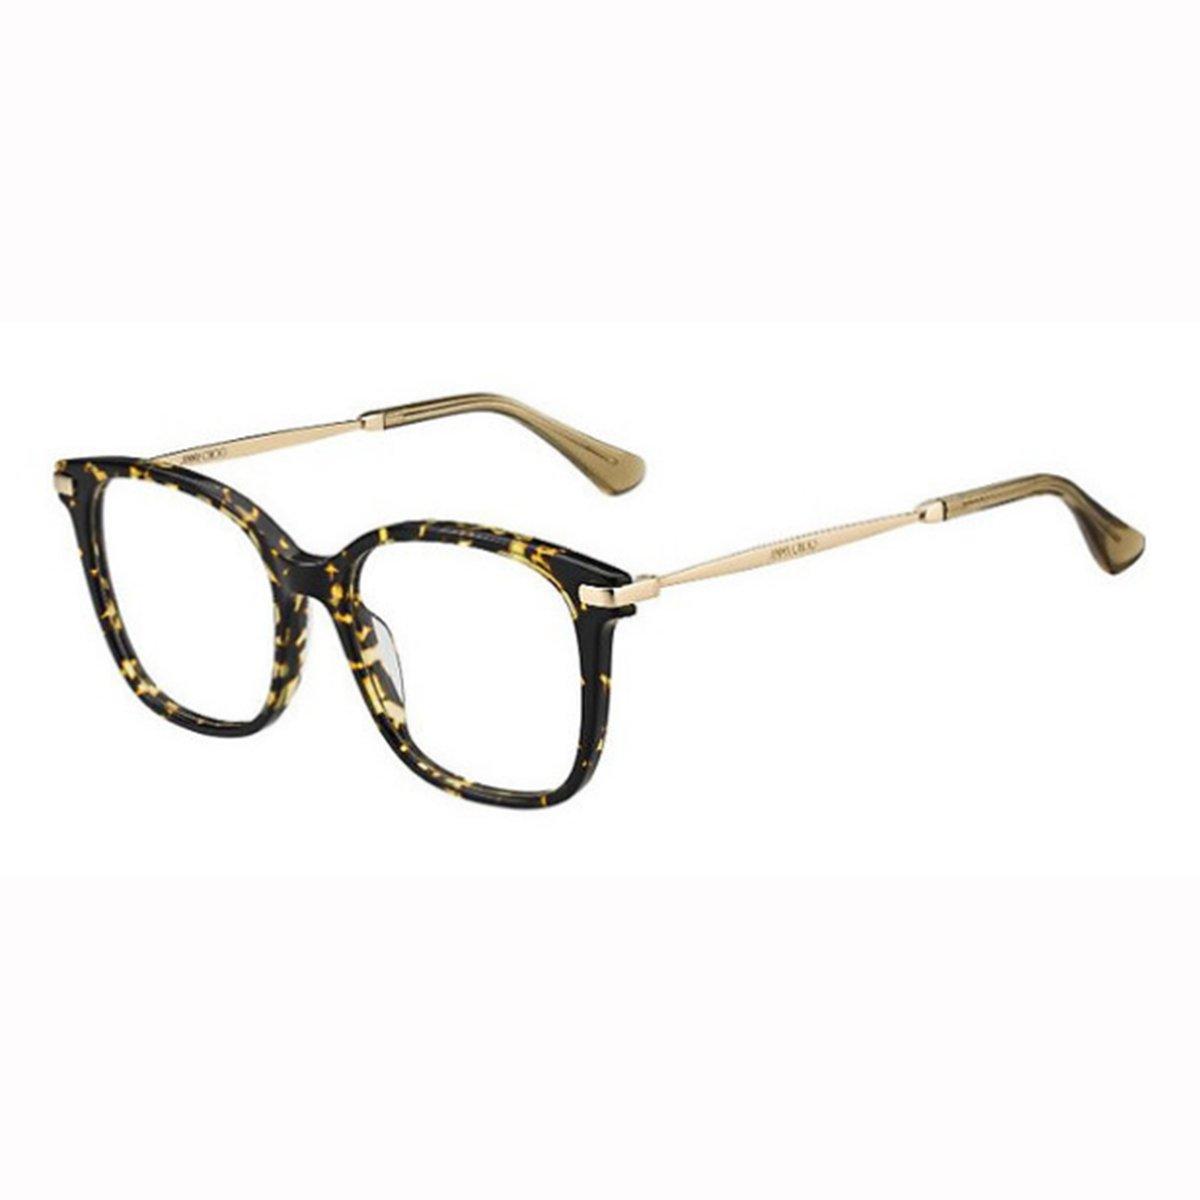 f428e9b2c52cc Compre Óculos de Grau Jimmy Choo em 10X